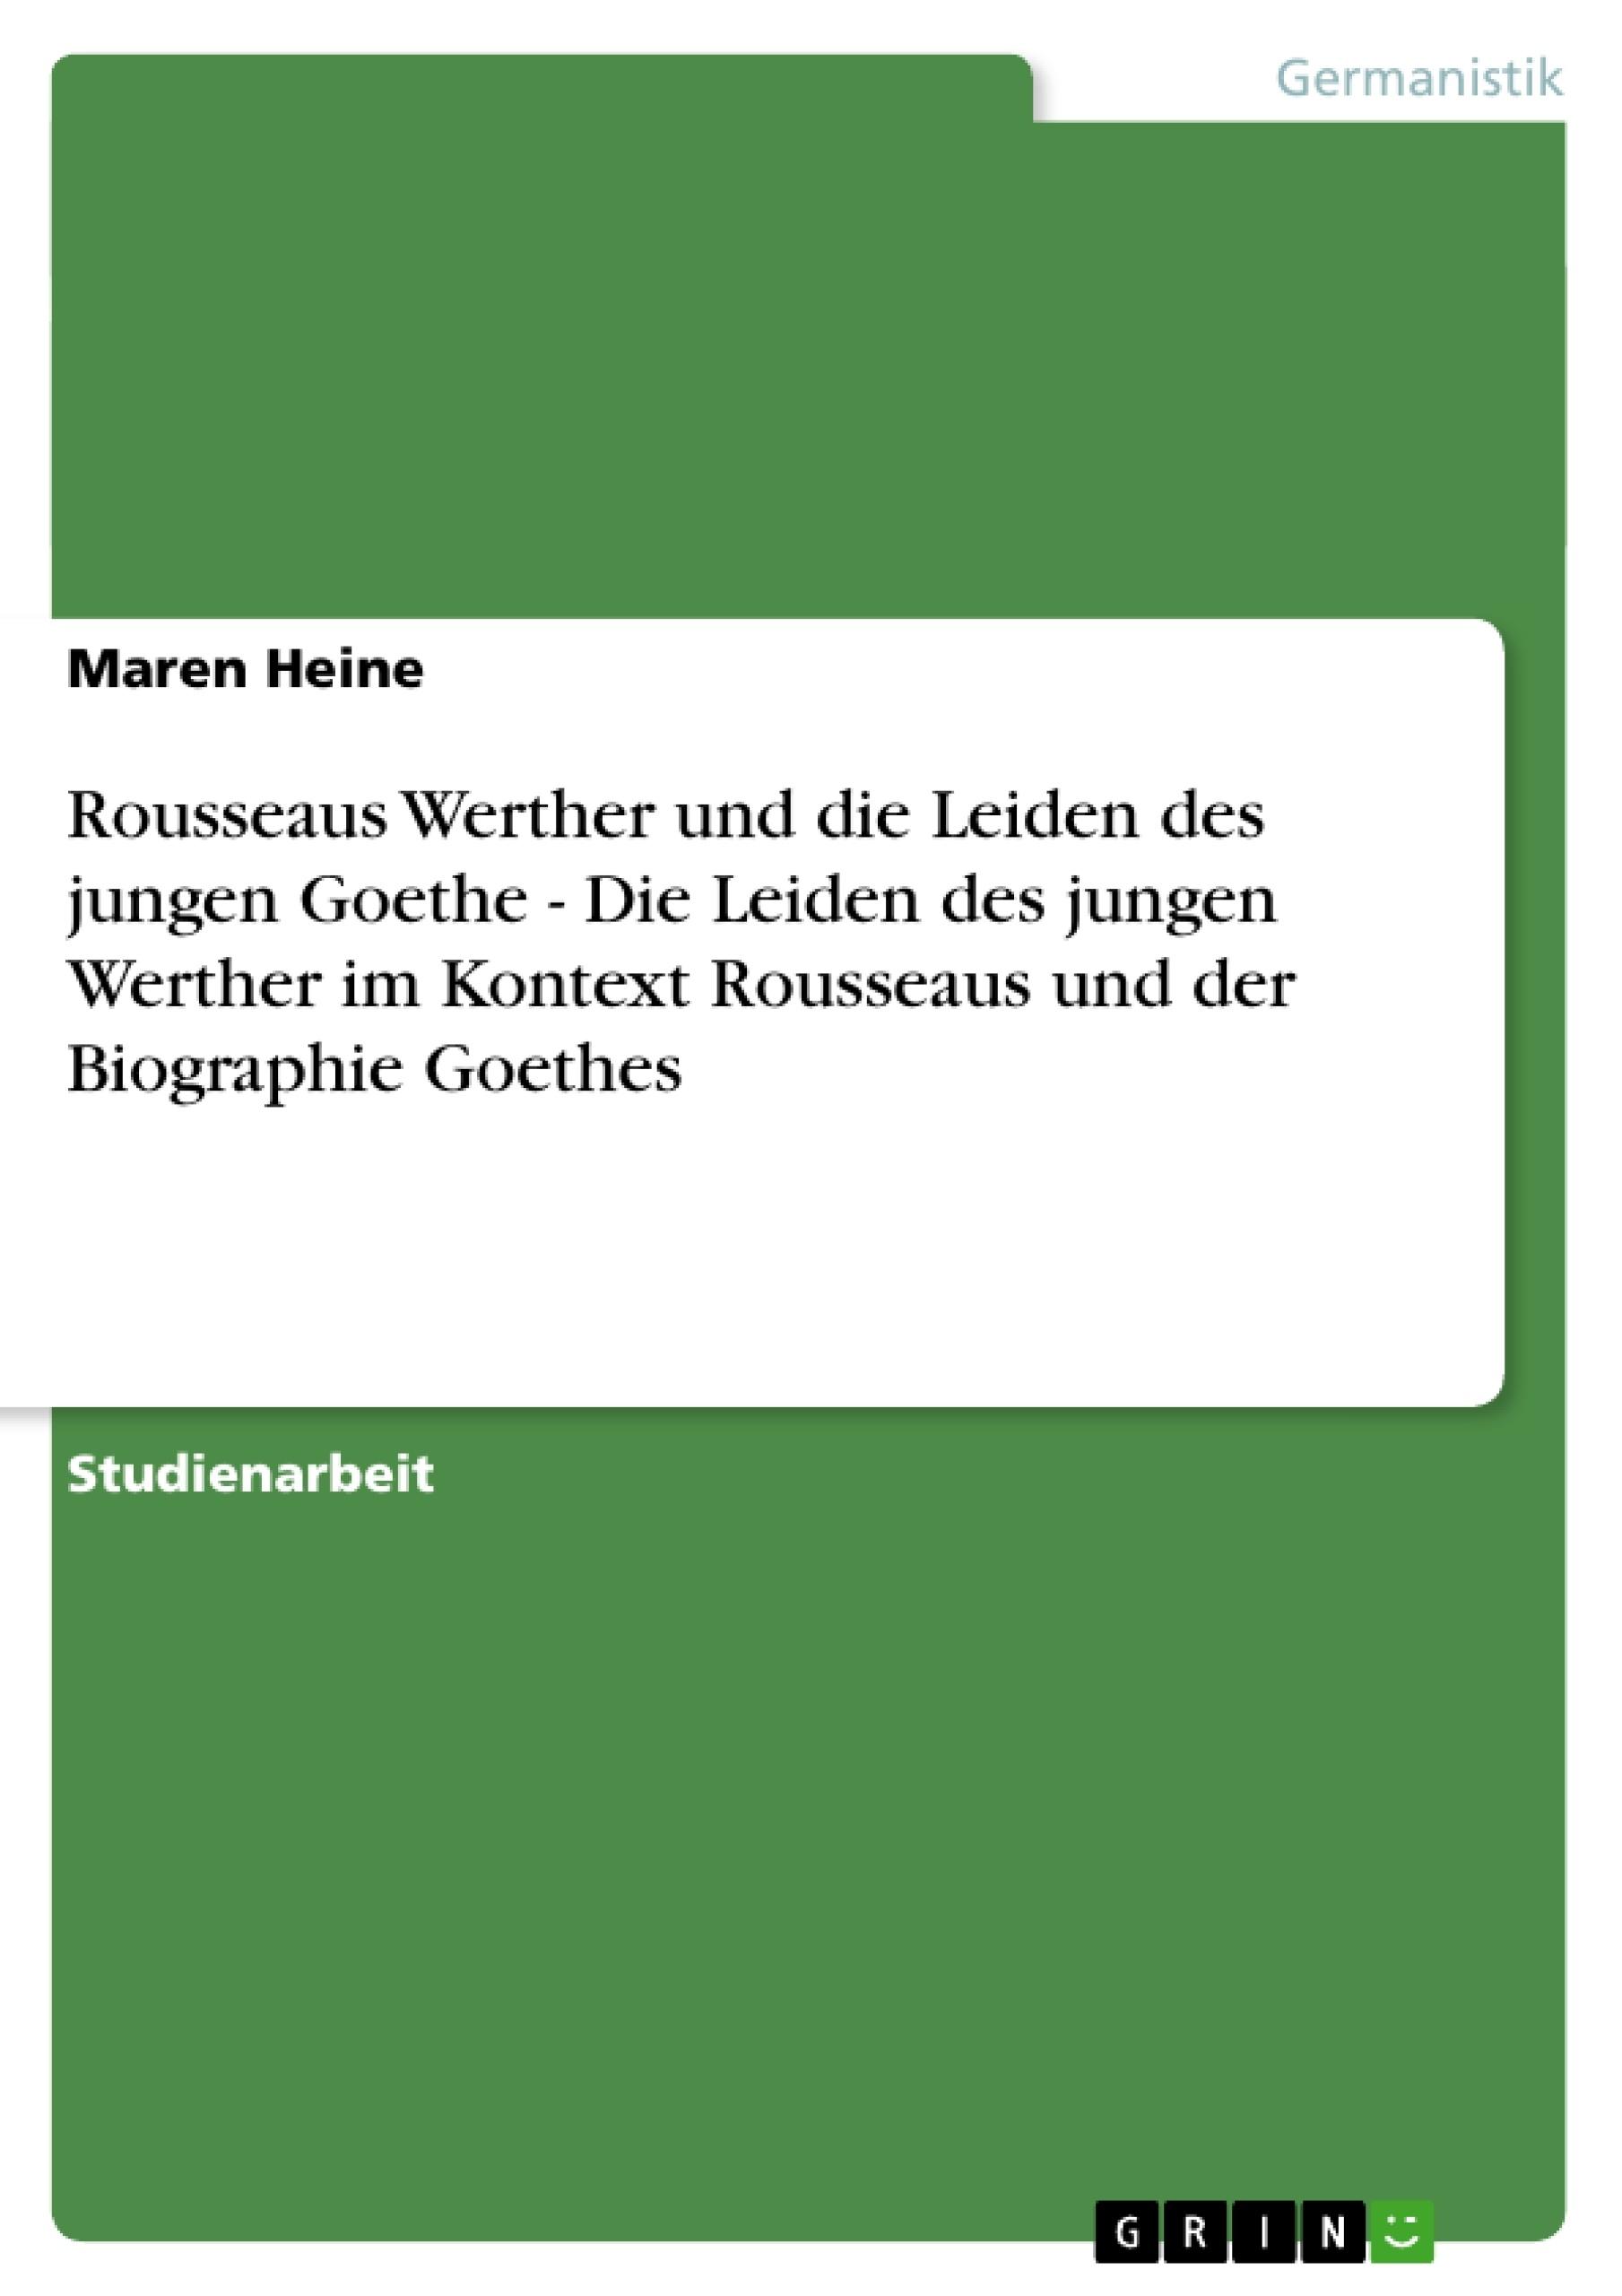 Titel: Rousseaus Werther und die Leiden des jungen Goethe - Die Leiden des jungen Werther im Kontext Rousseaus und der Biographie Goethes